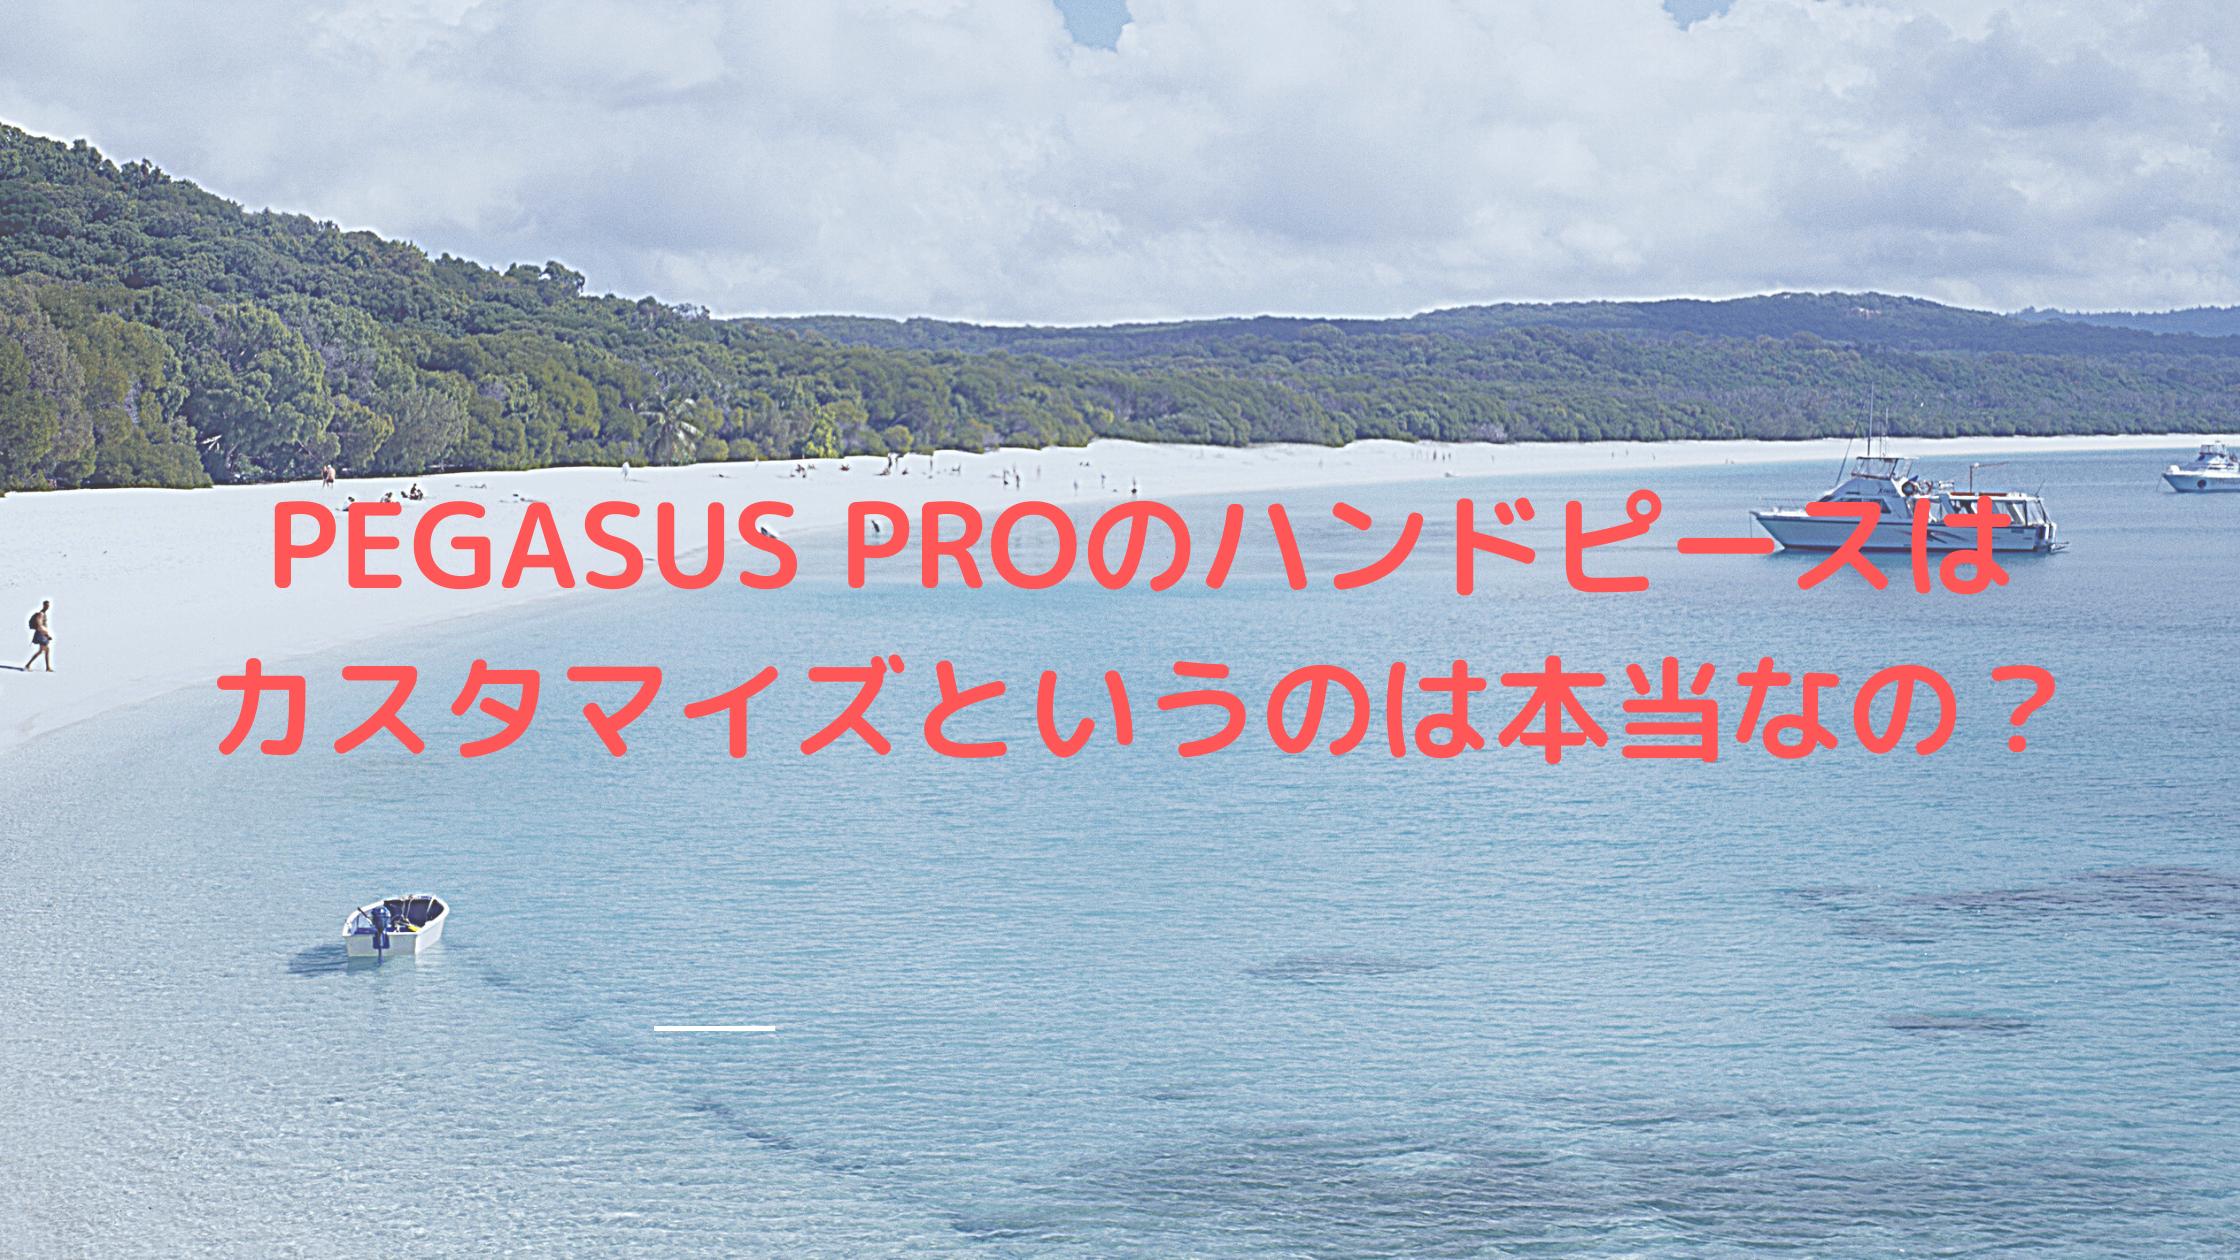 PEGASUS PROのハンドピースはカスタマイズというのは本当なのか?